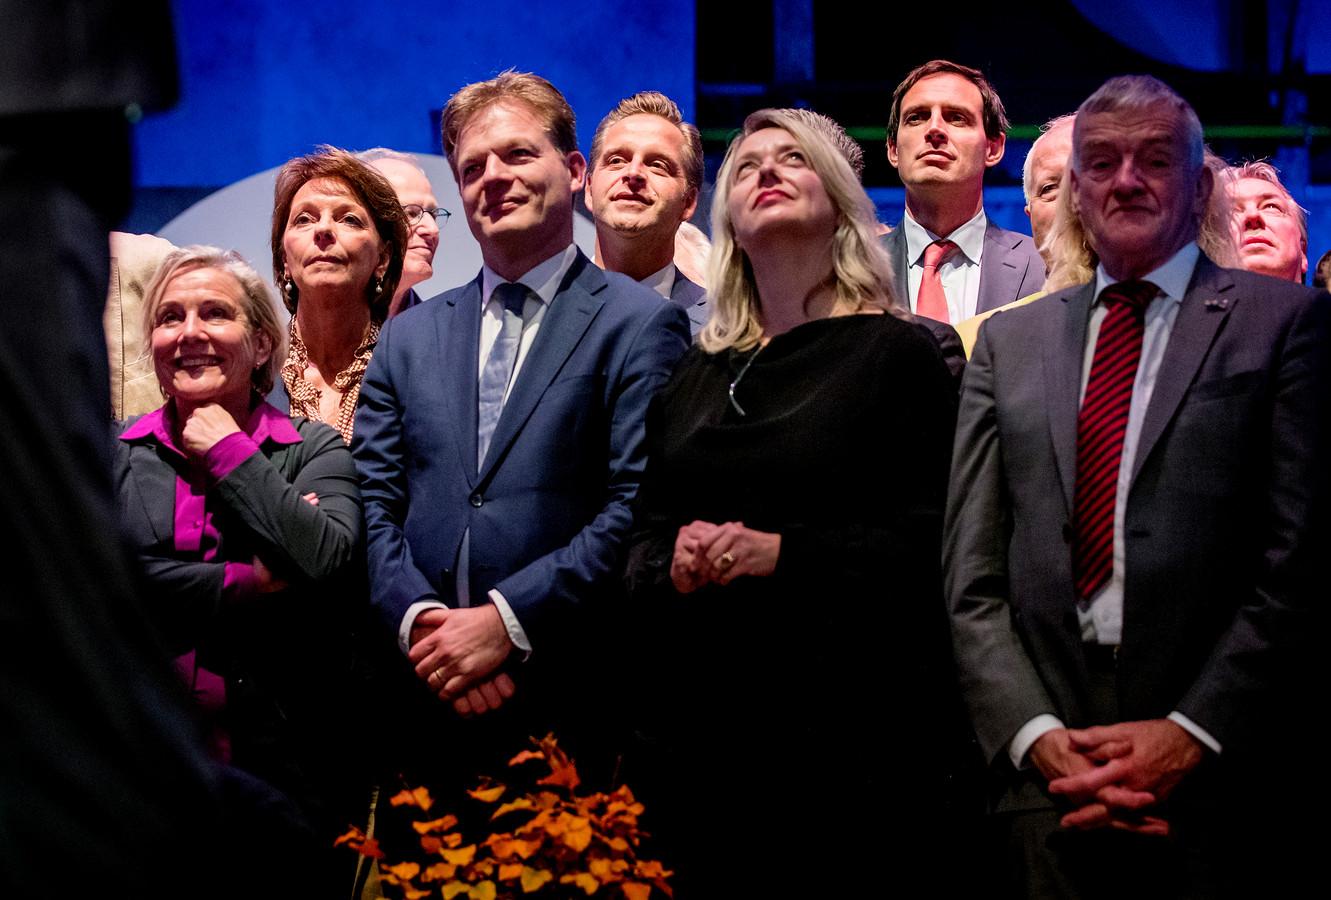 Ank Bijleveld, Pieter Omtzigt, Hugo de Jonge, Wopke Hoekstra en Wim van de Camp tijdens het CDA-congres in DeFabrique (voor corona).